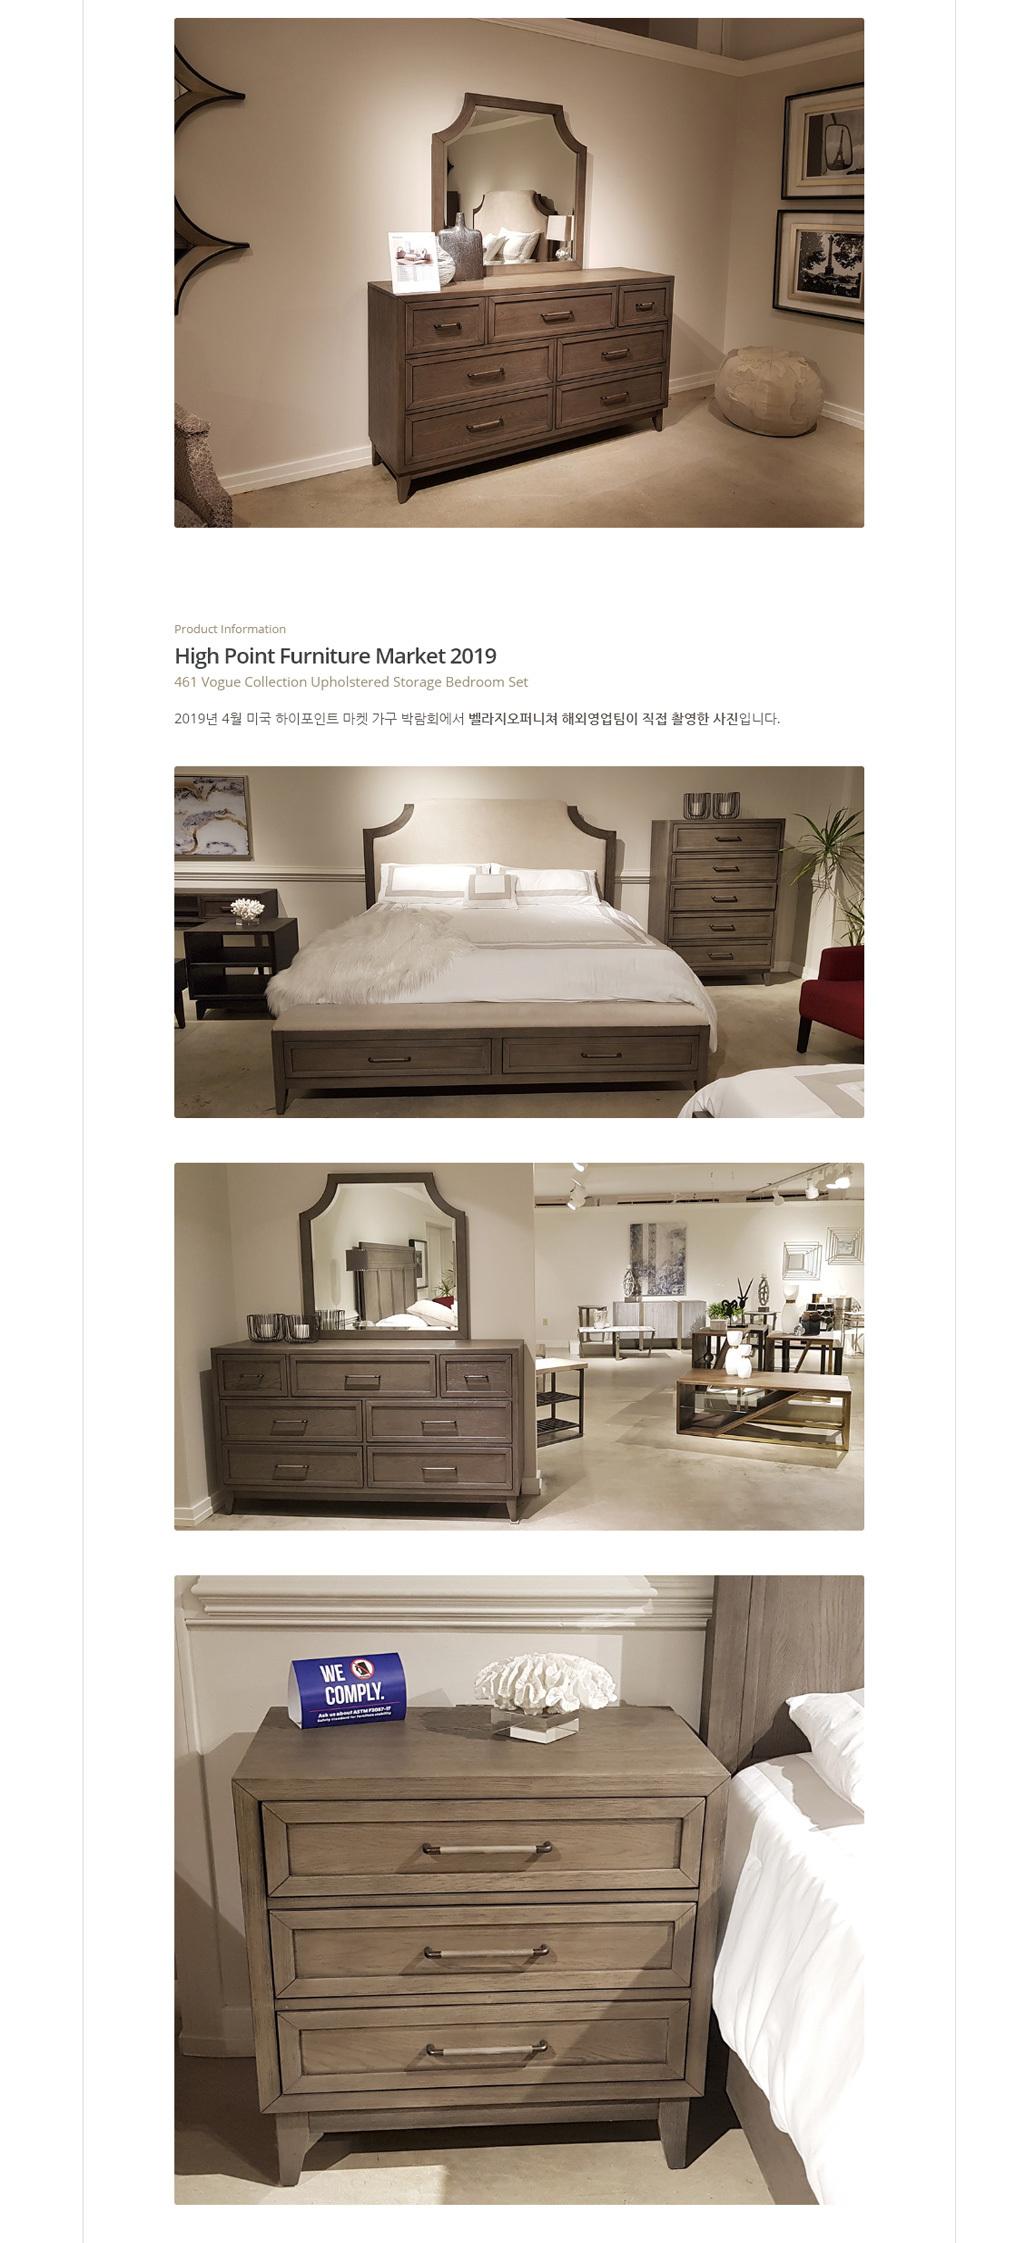 461_vogue_upholstered_bedroomset_07.jpg